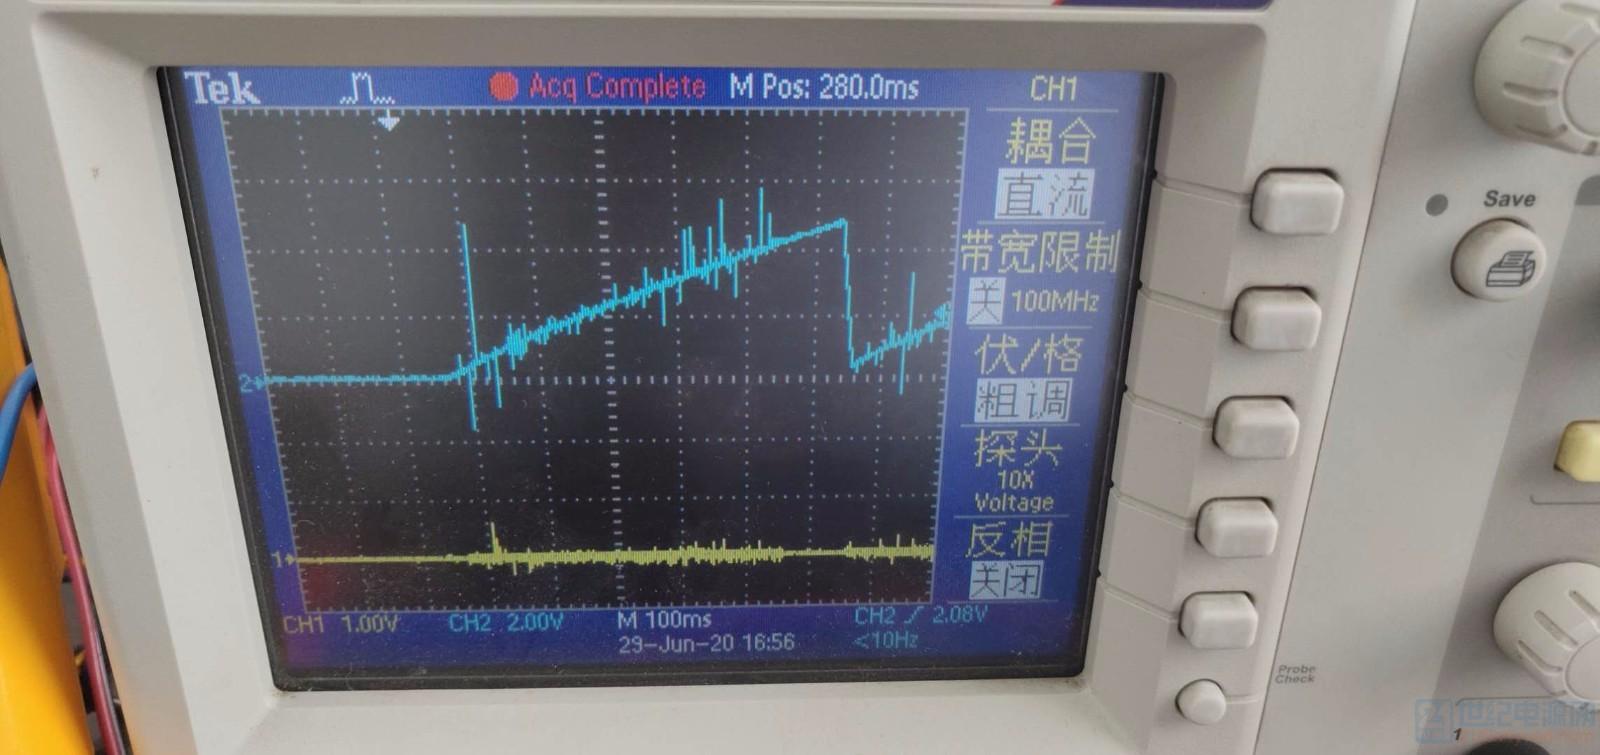 这个是用示波器测到的SS端的波形